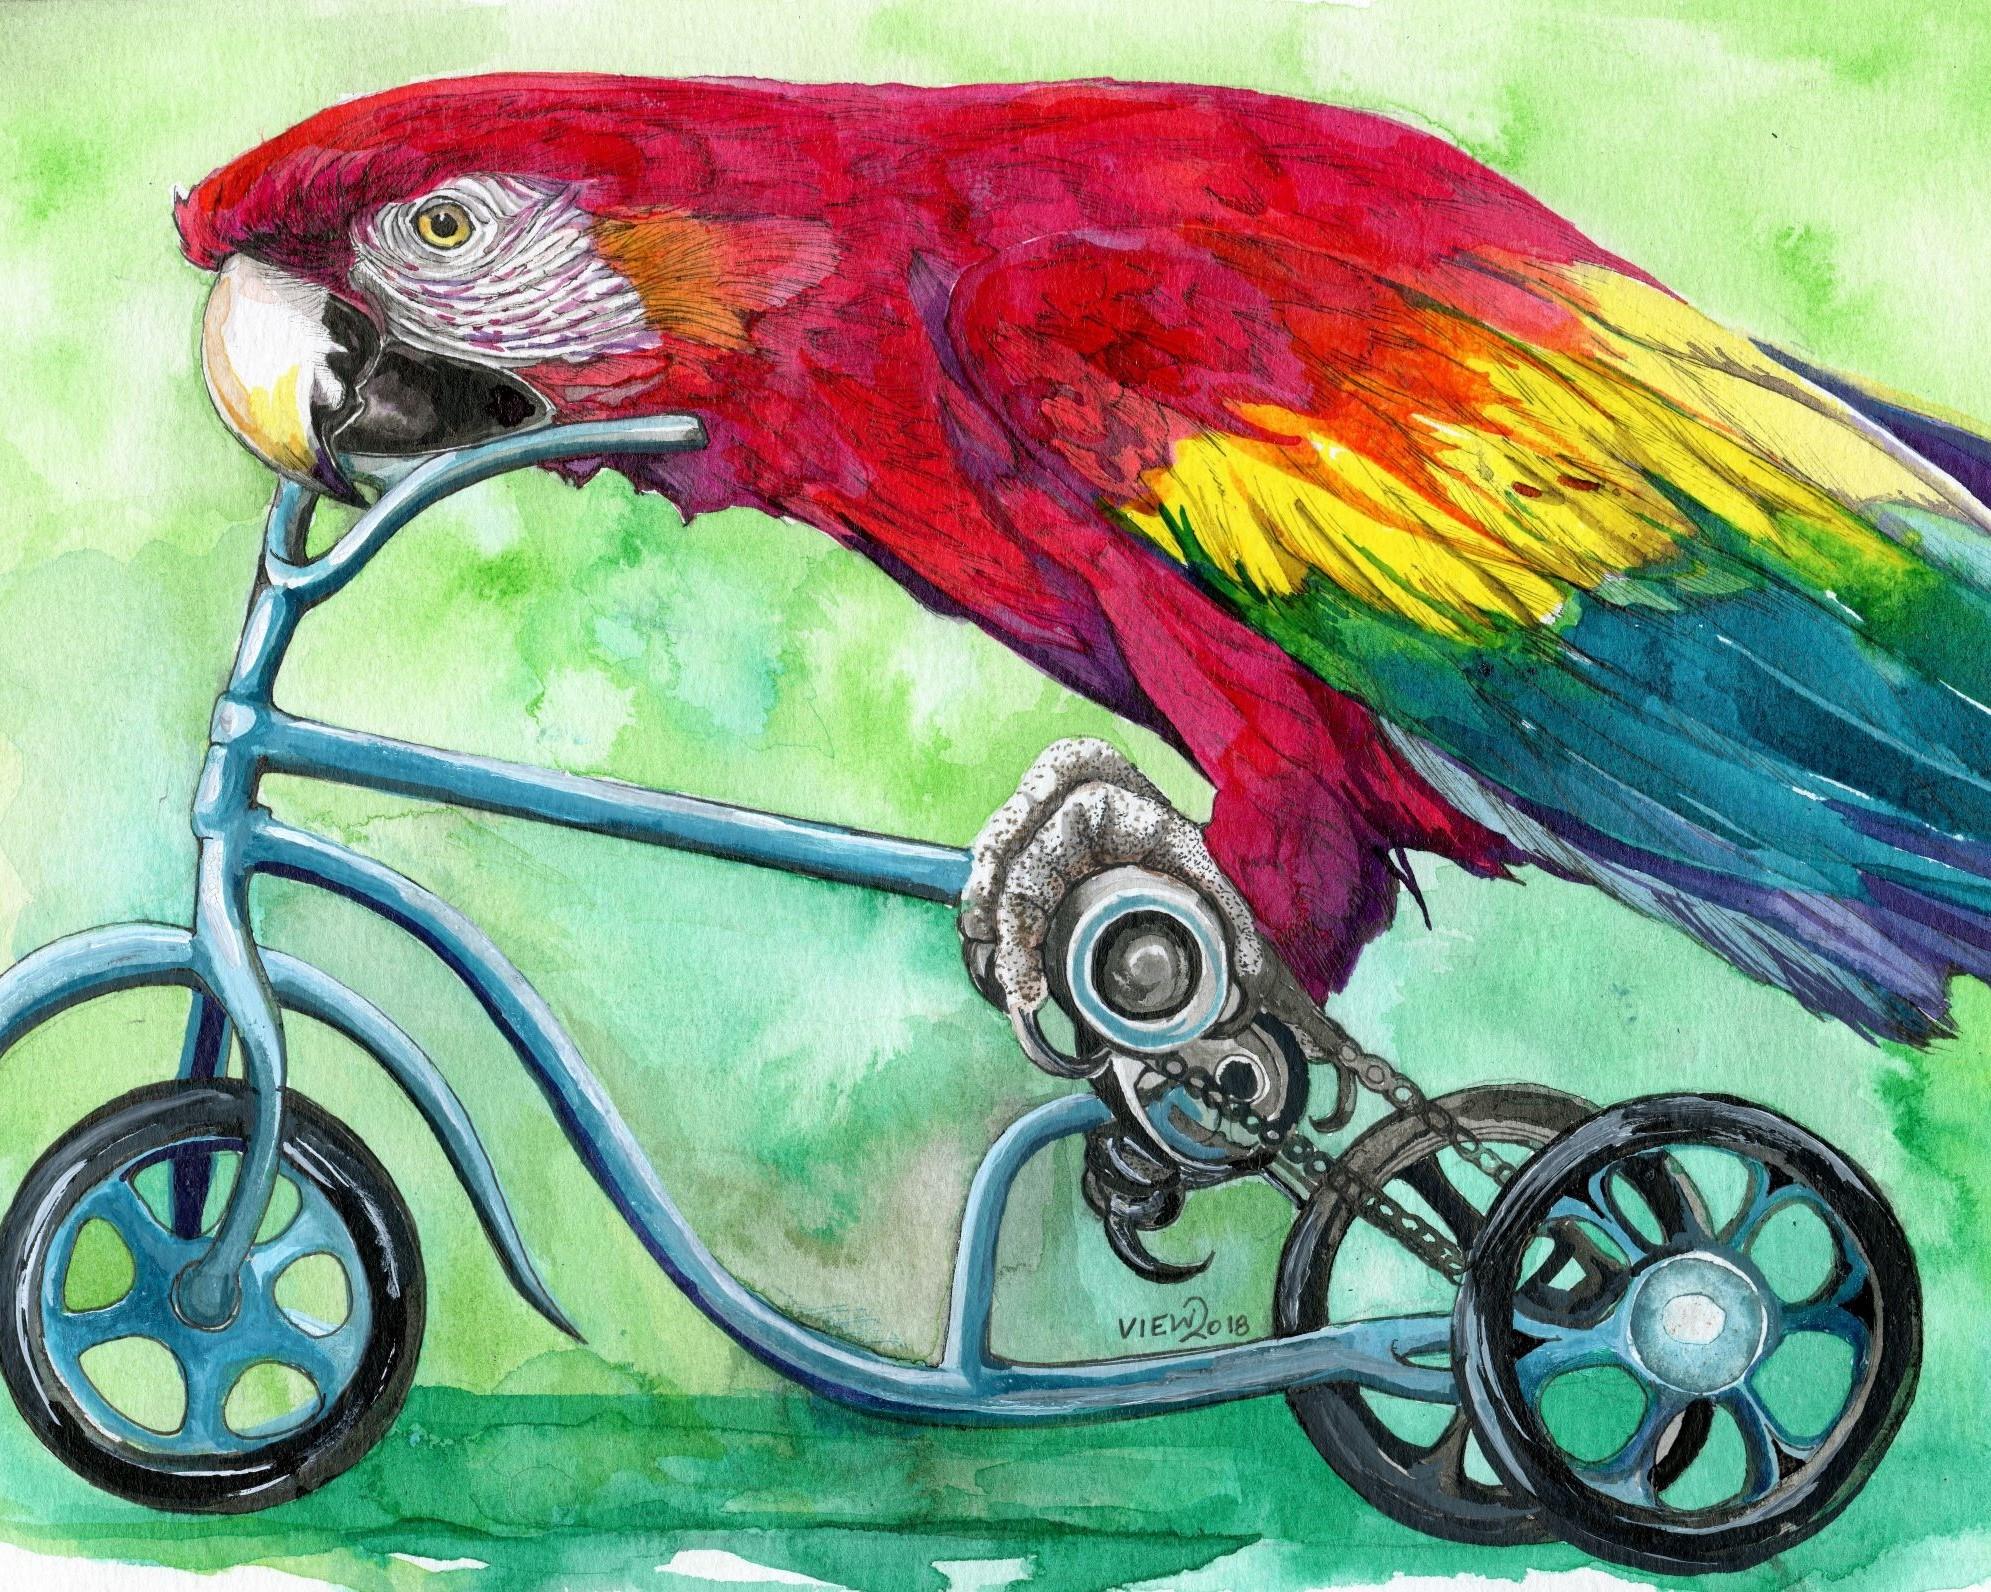 parrot resized 8 x10.jpg